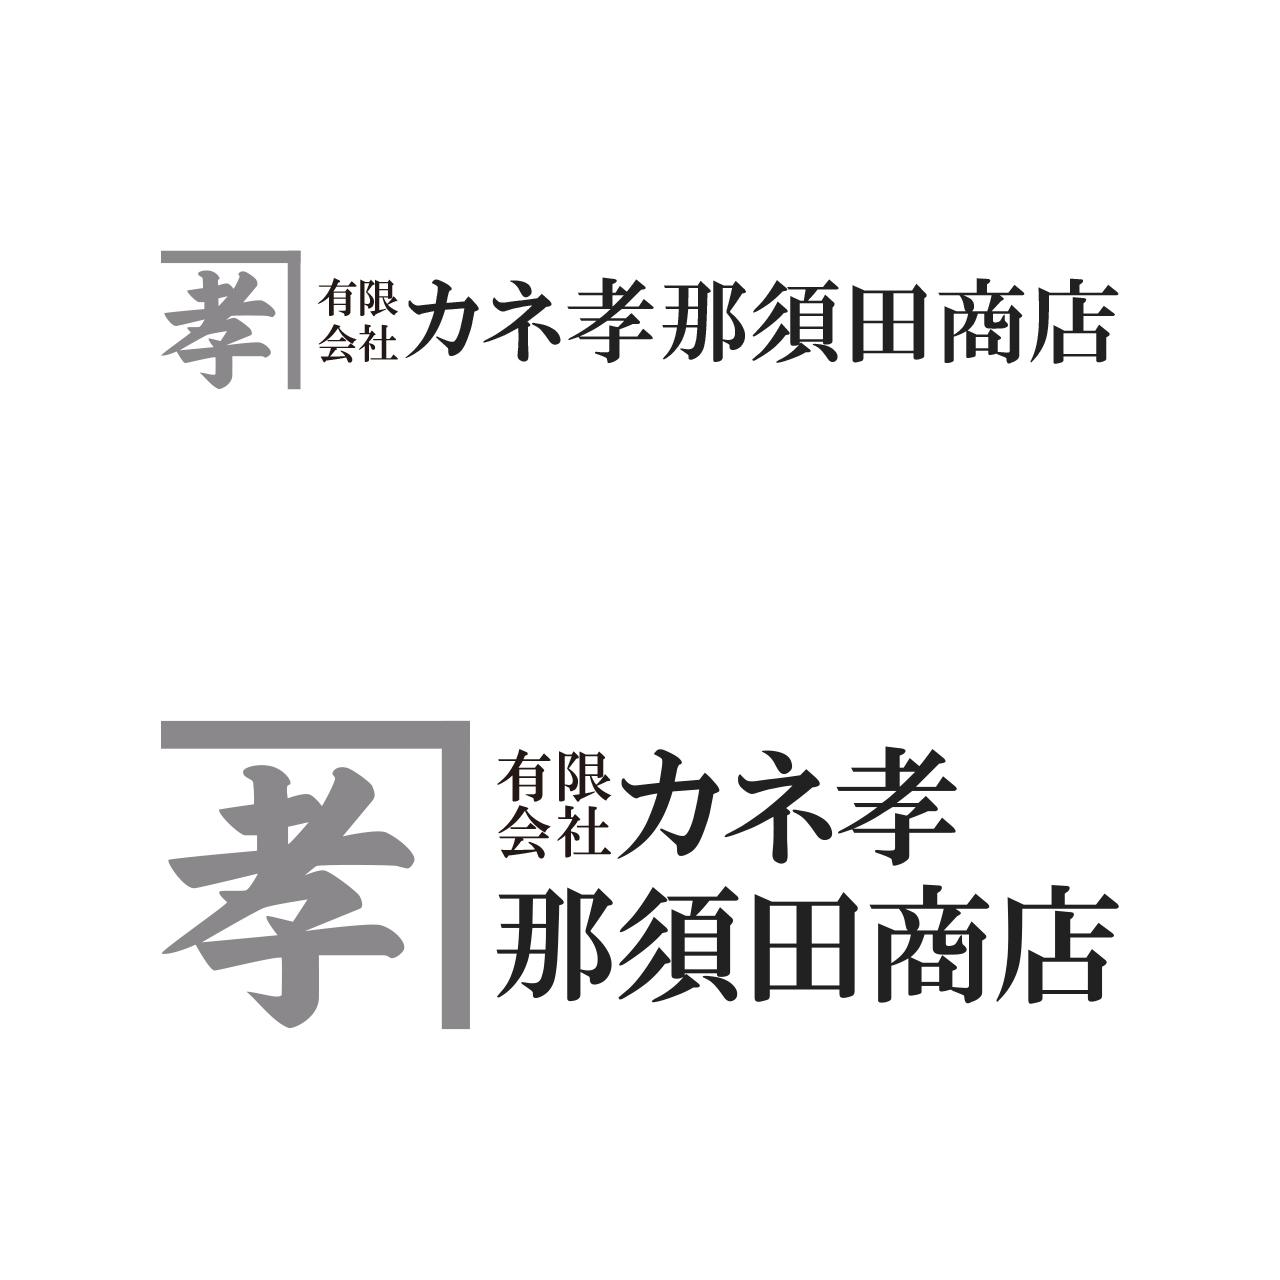 有限会社カネ孝那須田商店 ロゴ